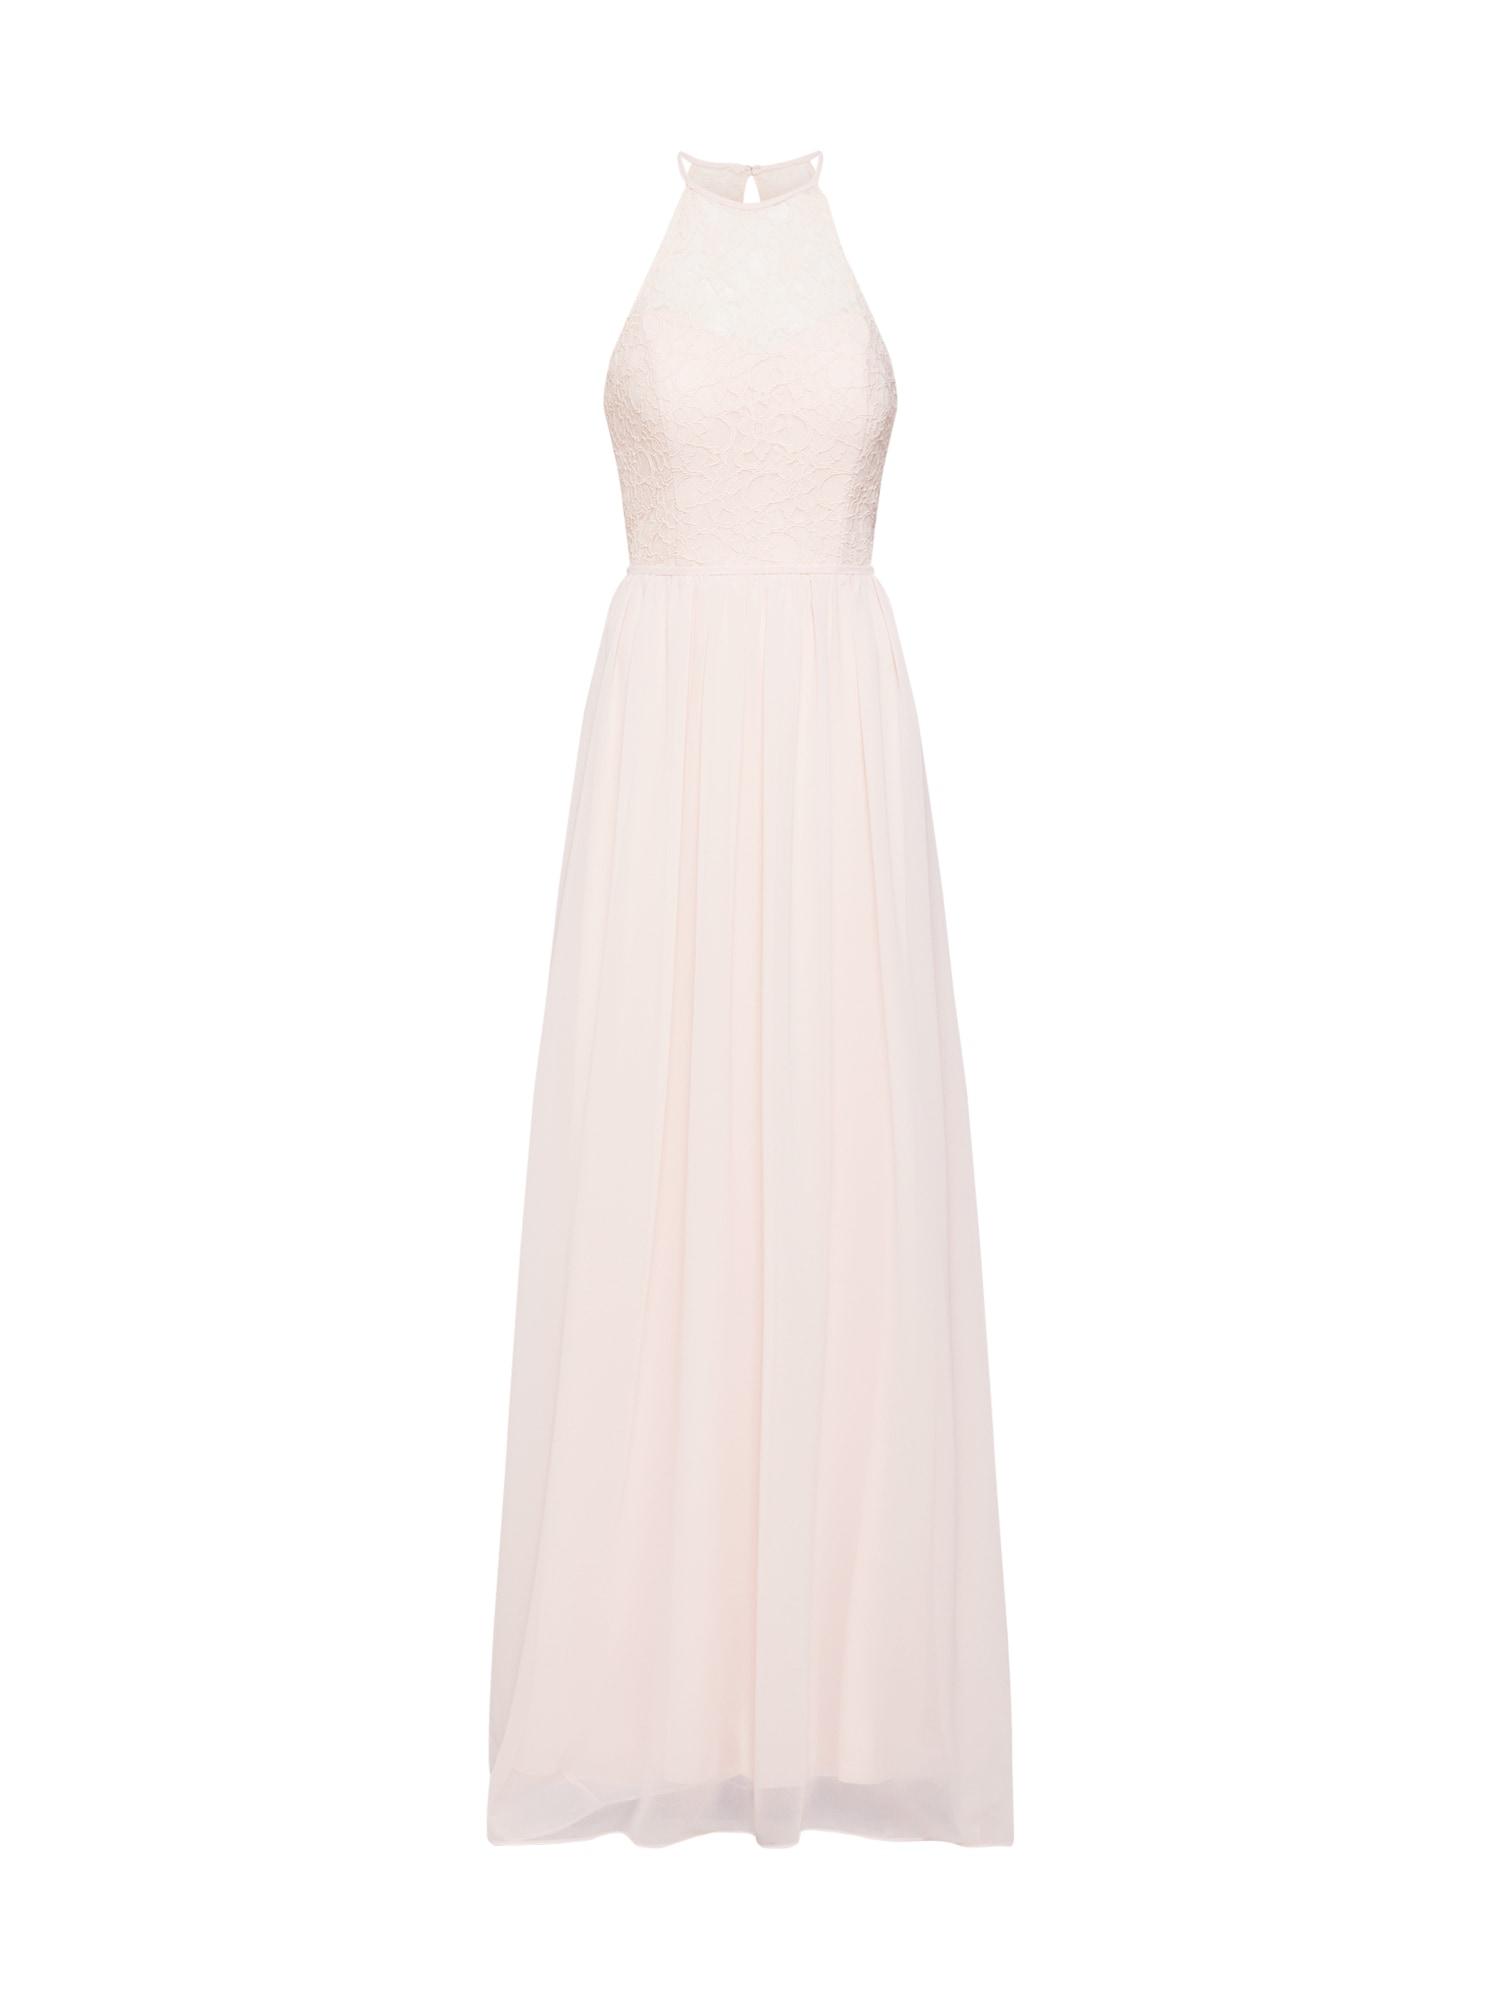 Společenské šaty long dress corded lace & chiffon růžová STAR NIGHT